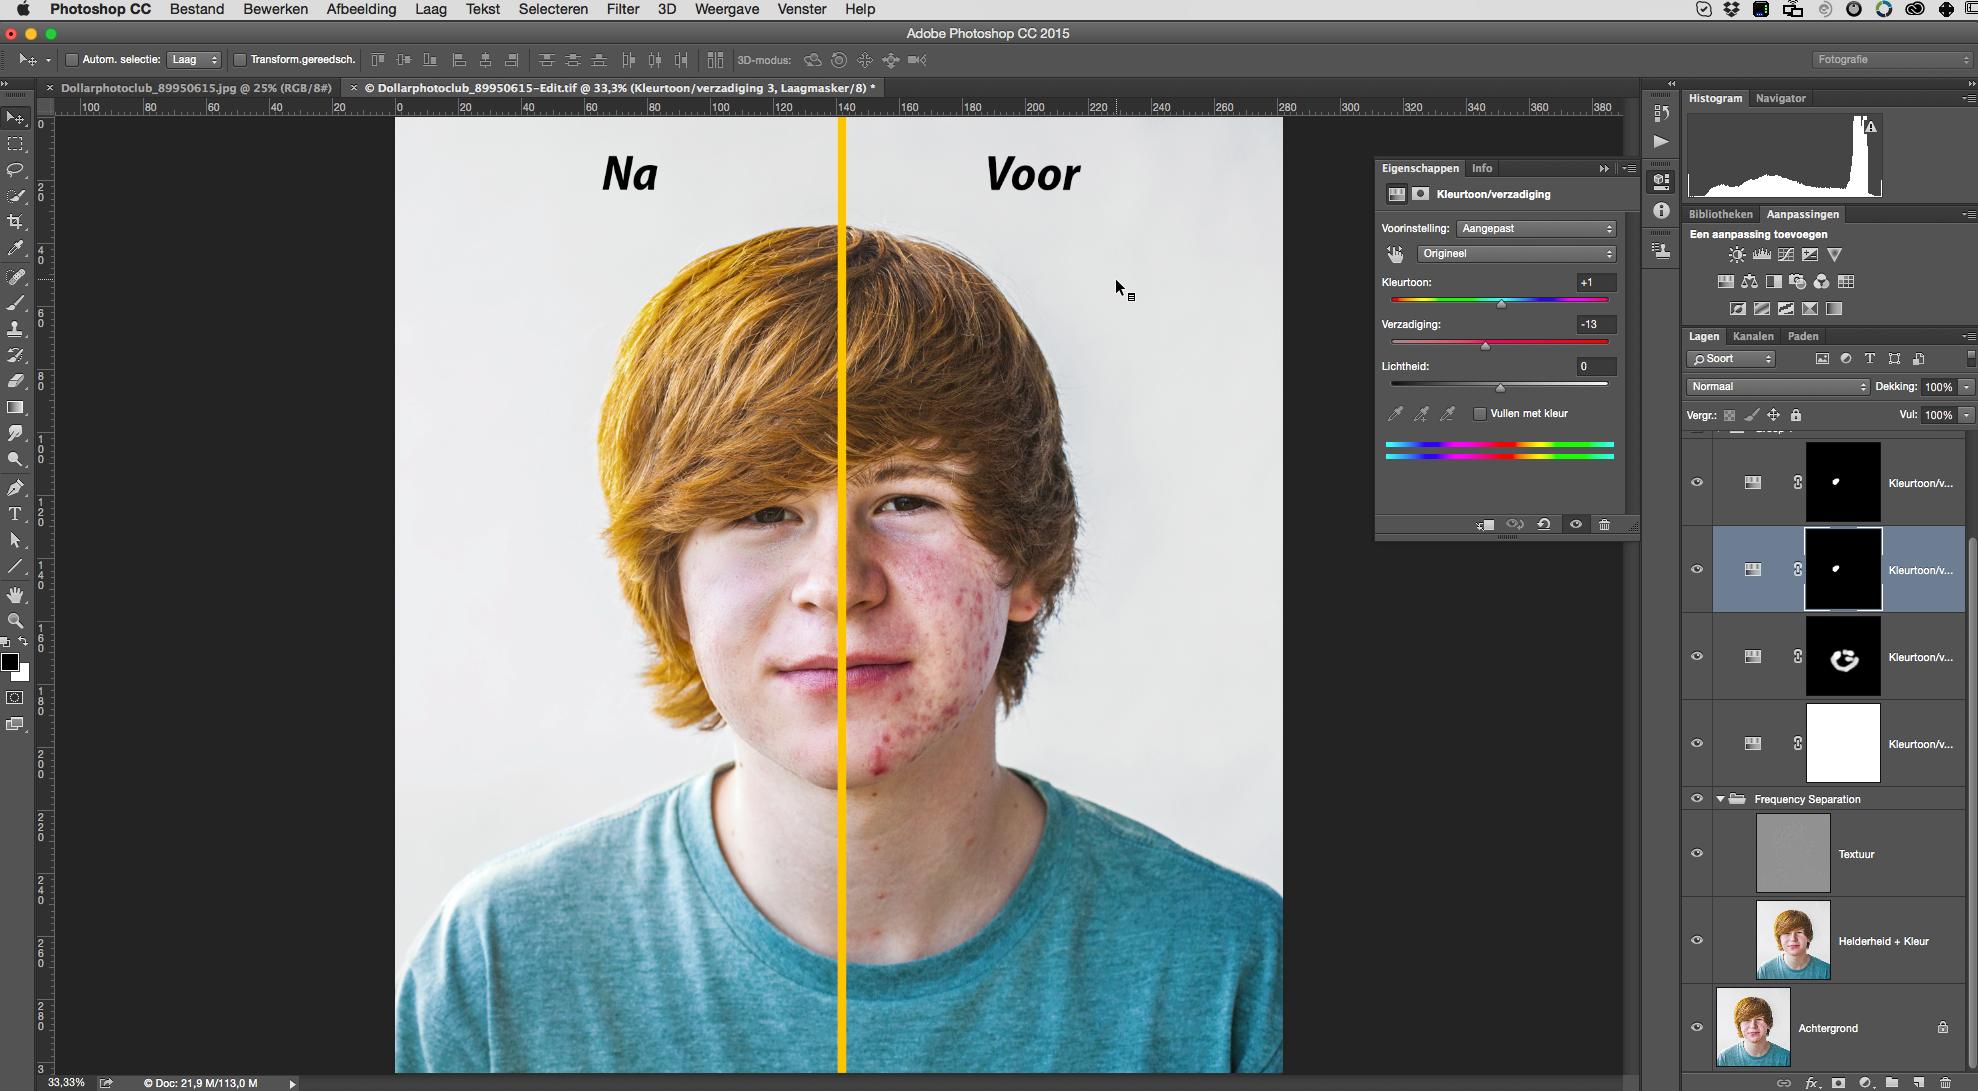 Een ander typisch Photoshop-klusje is huid-retouche. In deze cursus maak je kennis met Frequency separation, de meest professionele manier van huid-retouche.